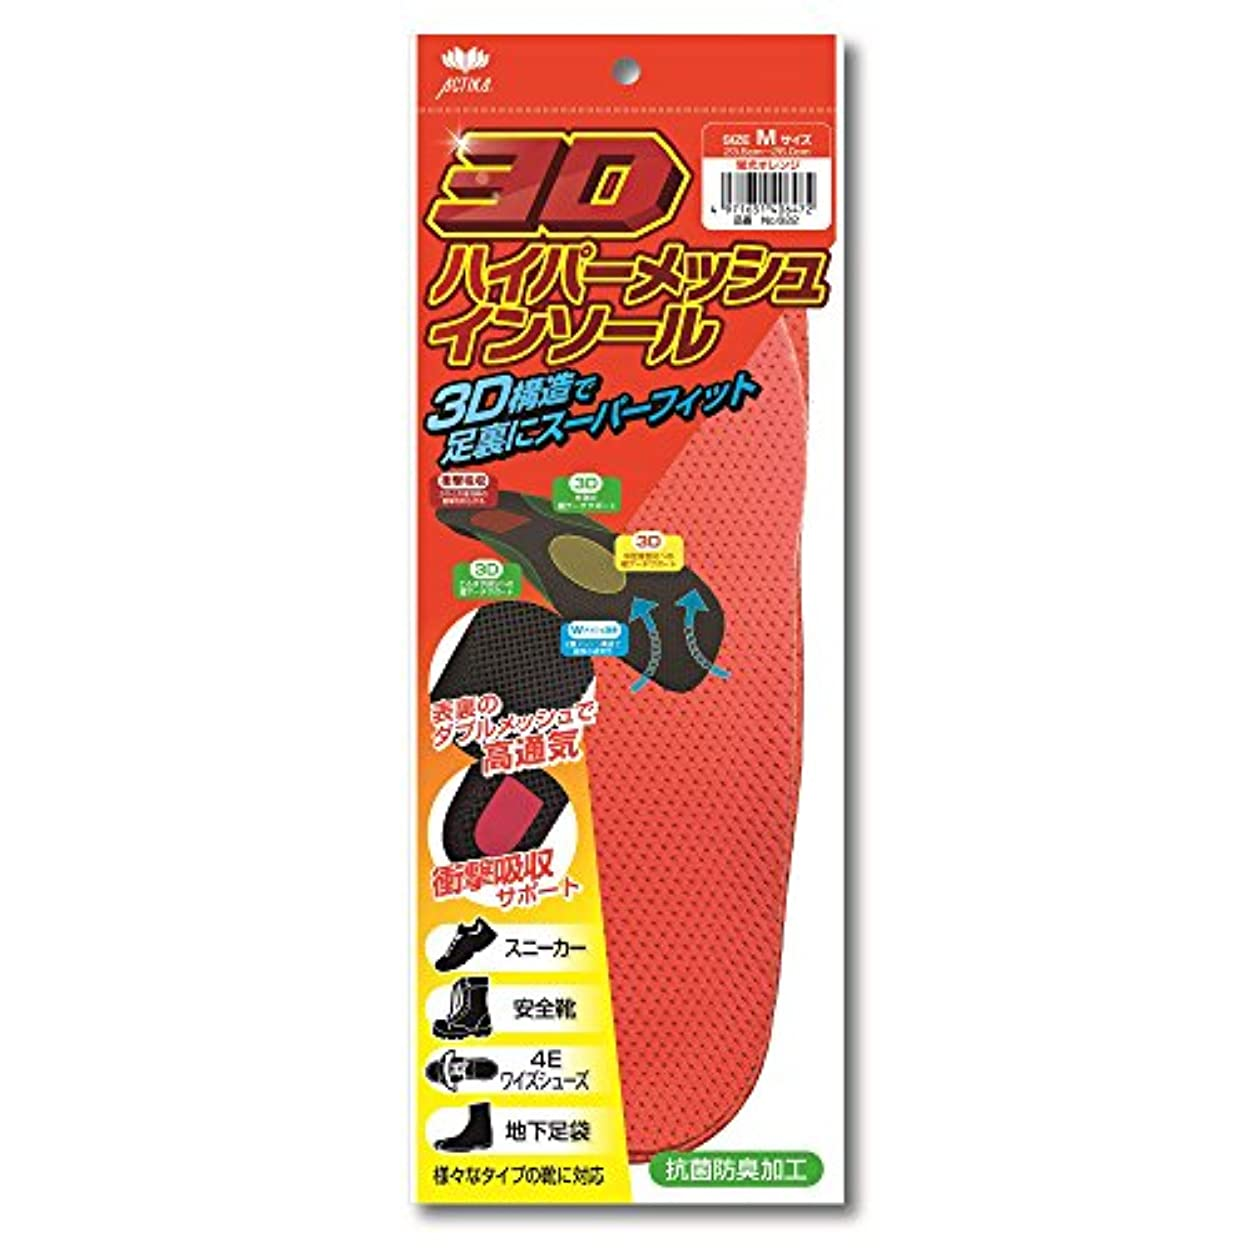 作業難民アクティカ 3Dハイパーメッシュインソール オレンジ 男性用 No.622 M(23.5~26.0cm)